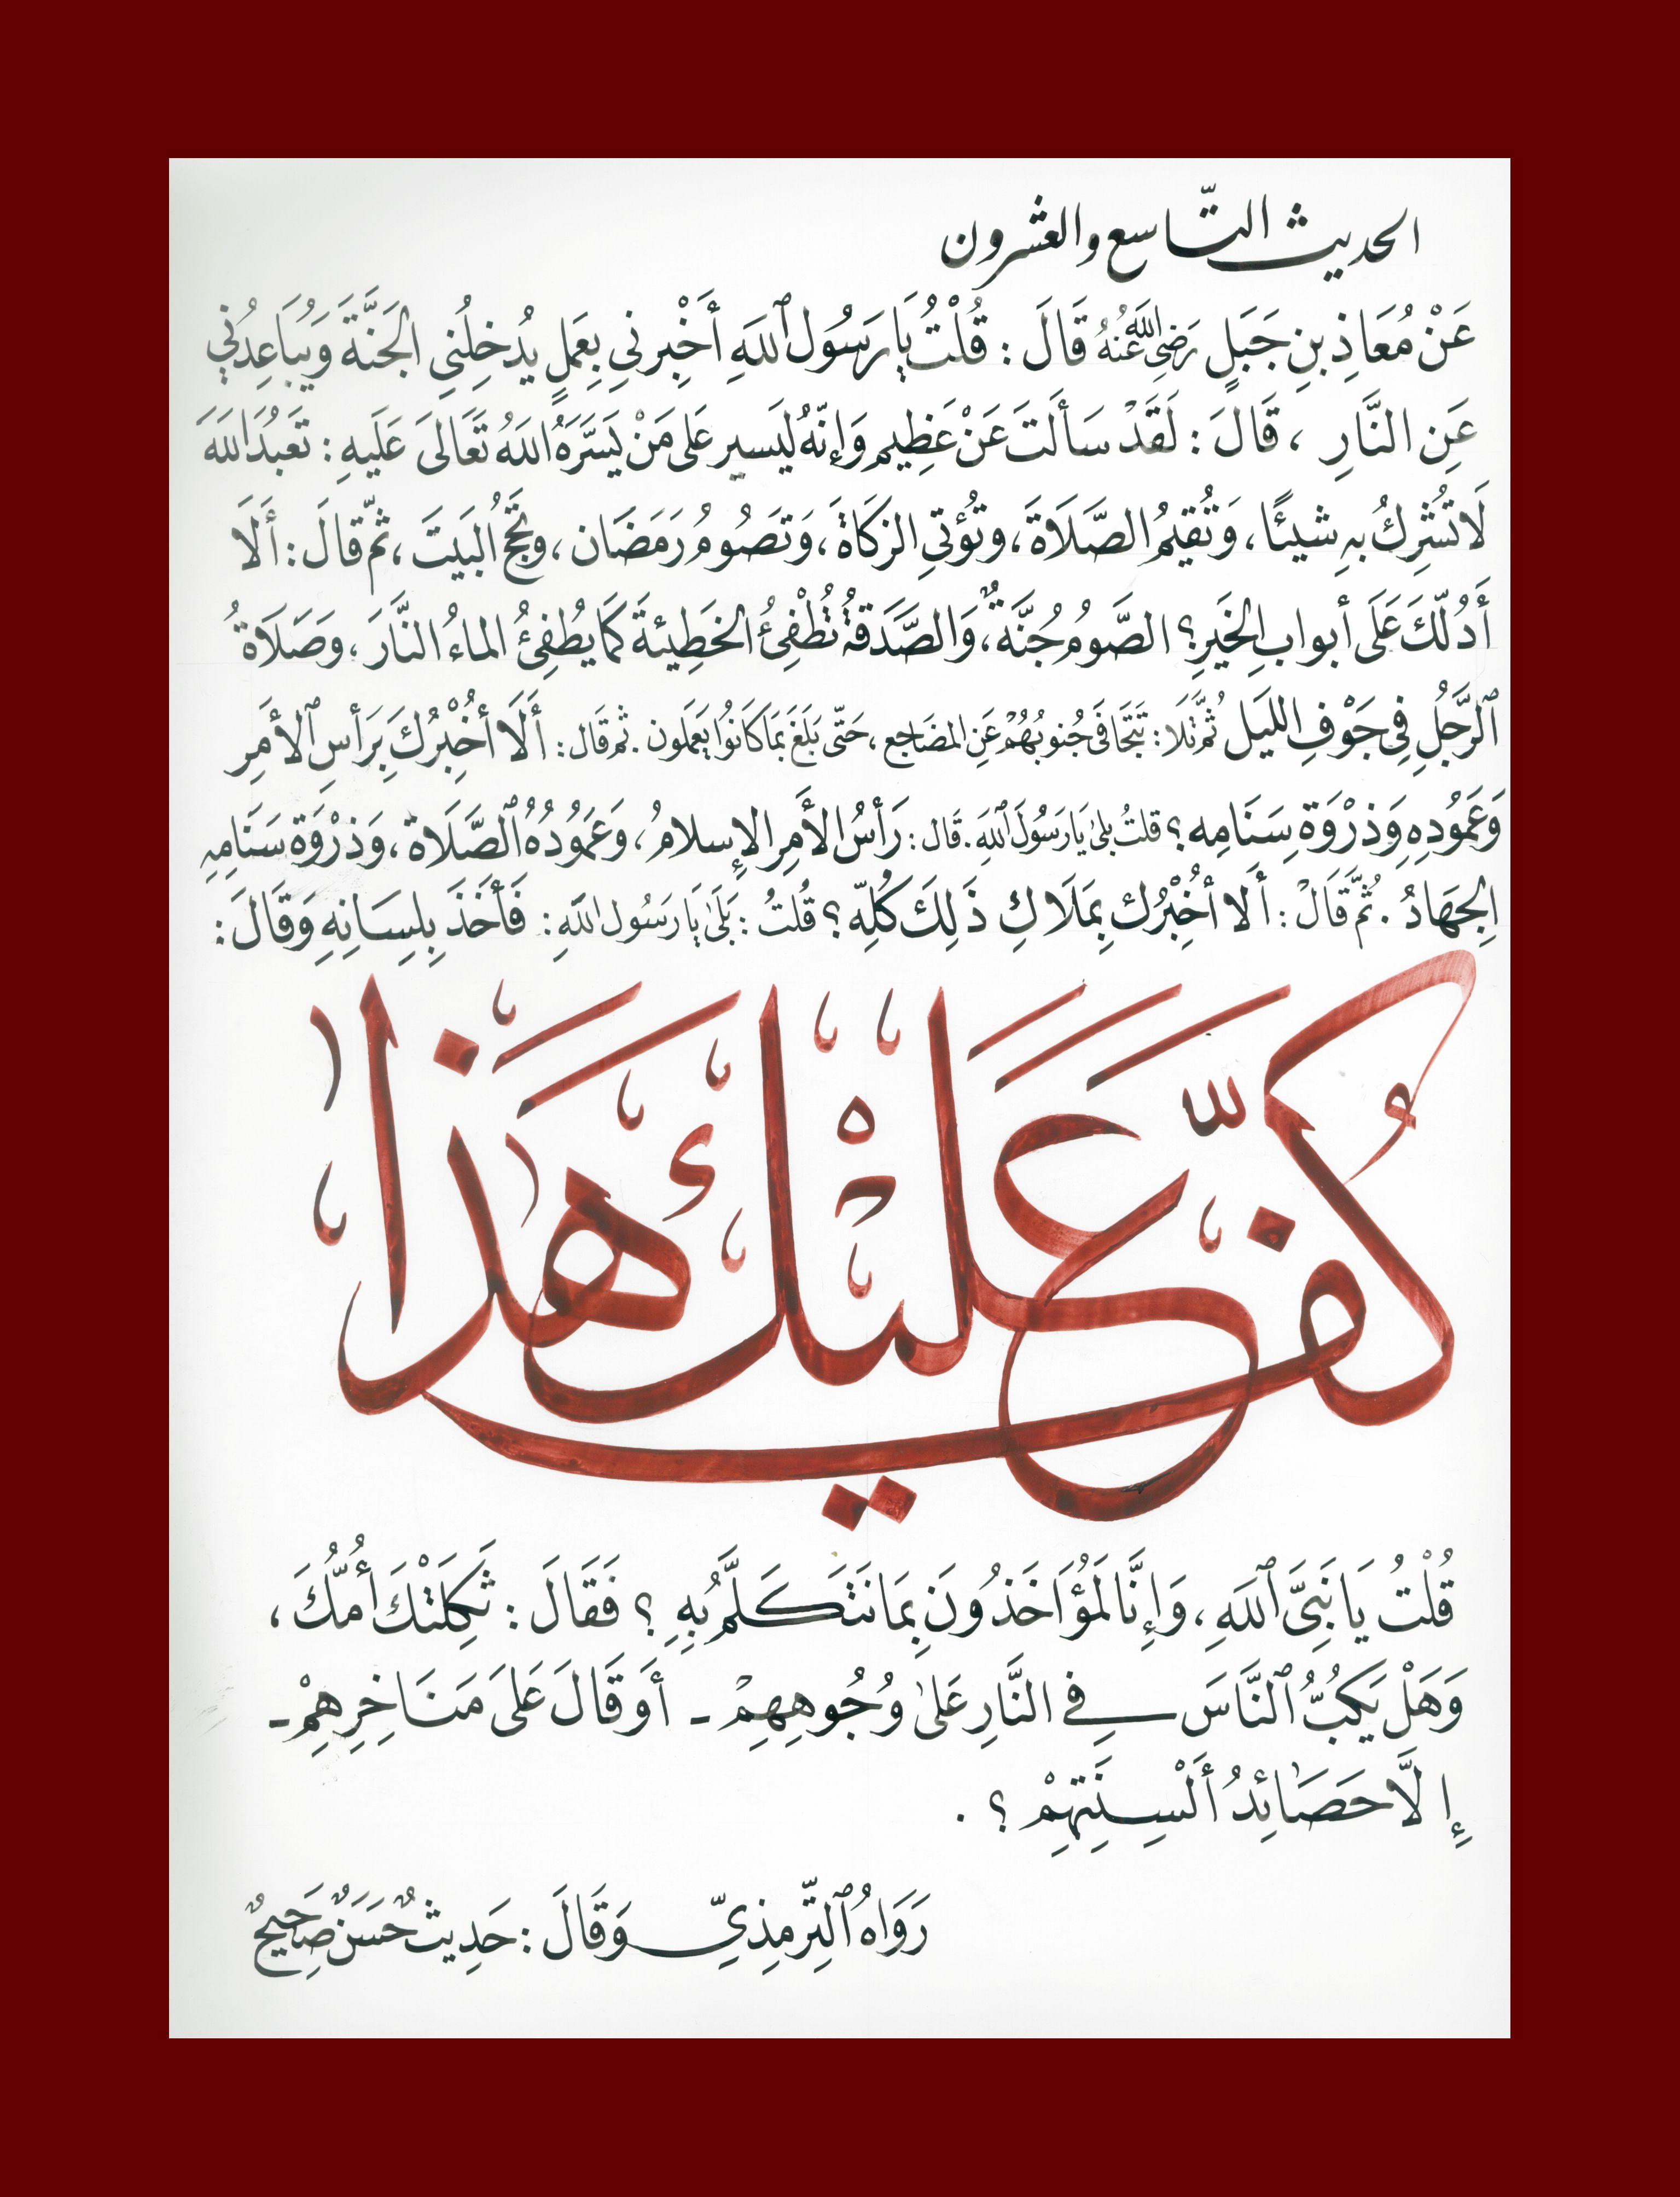 الحديث التاسع والعشرون Hadith Quran Arabic Calligraphy